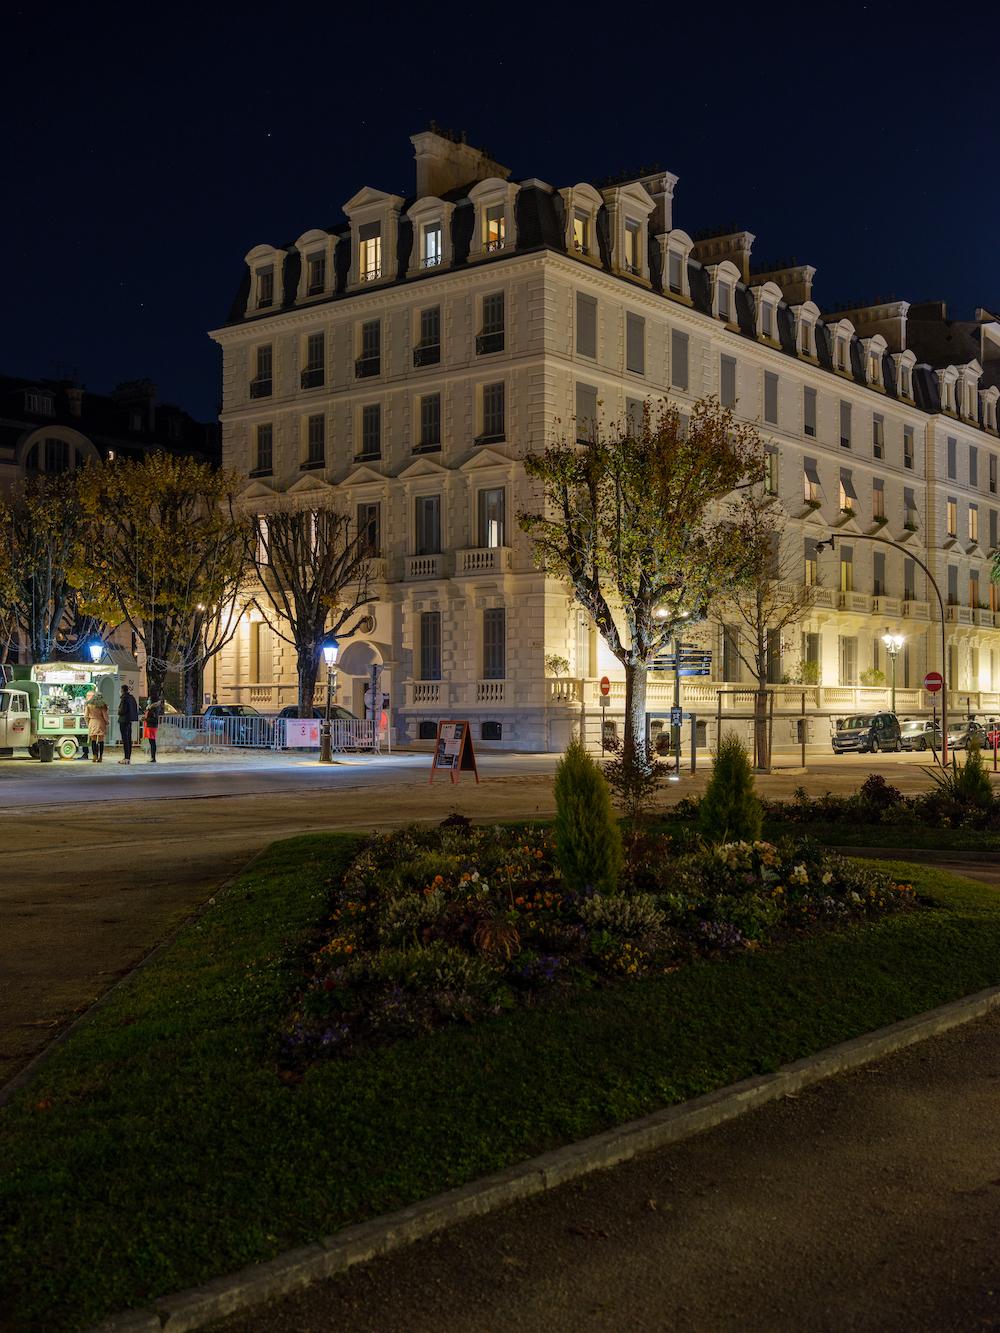 Photo d'un des bâtiments de la place royale et du Boulevard des Pyrénées prise près de la Fontaine de Vigny